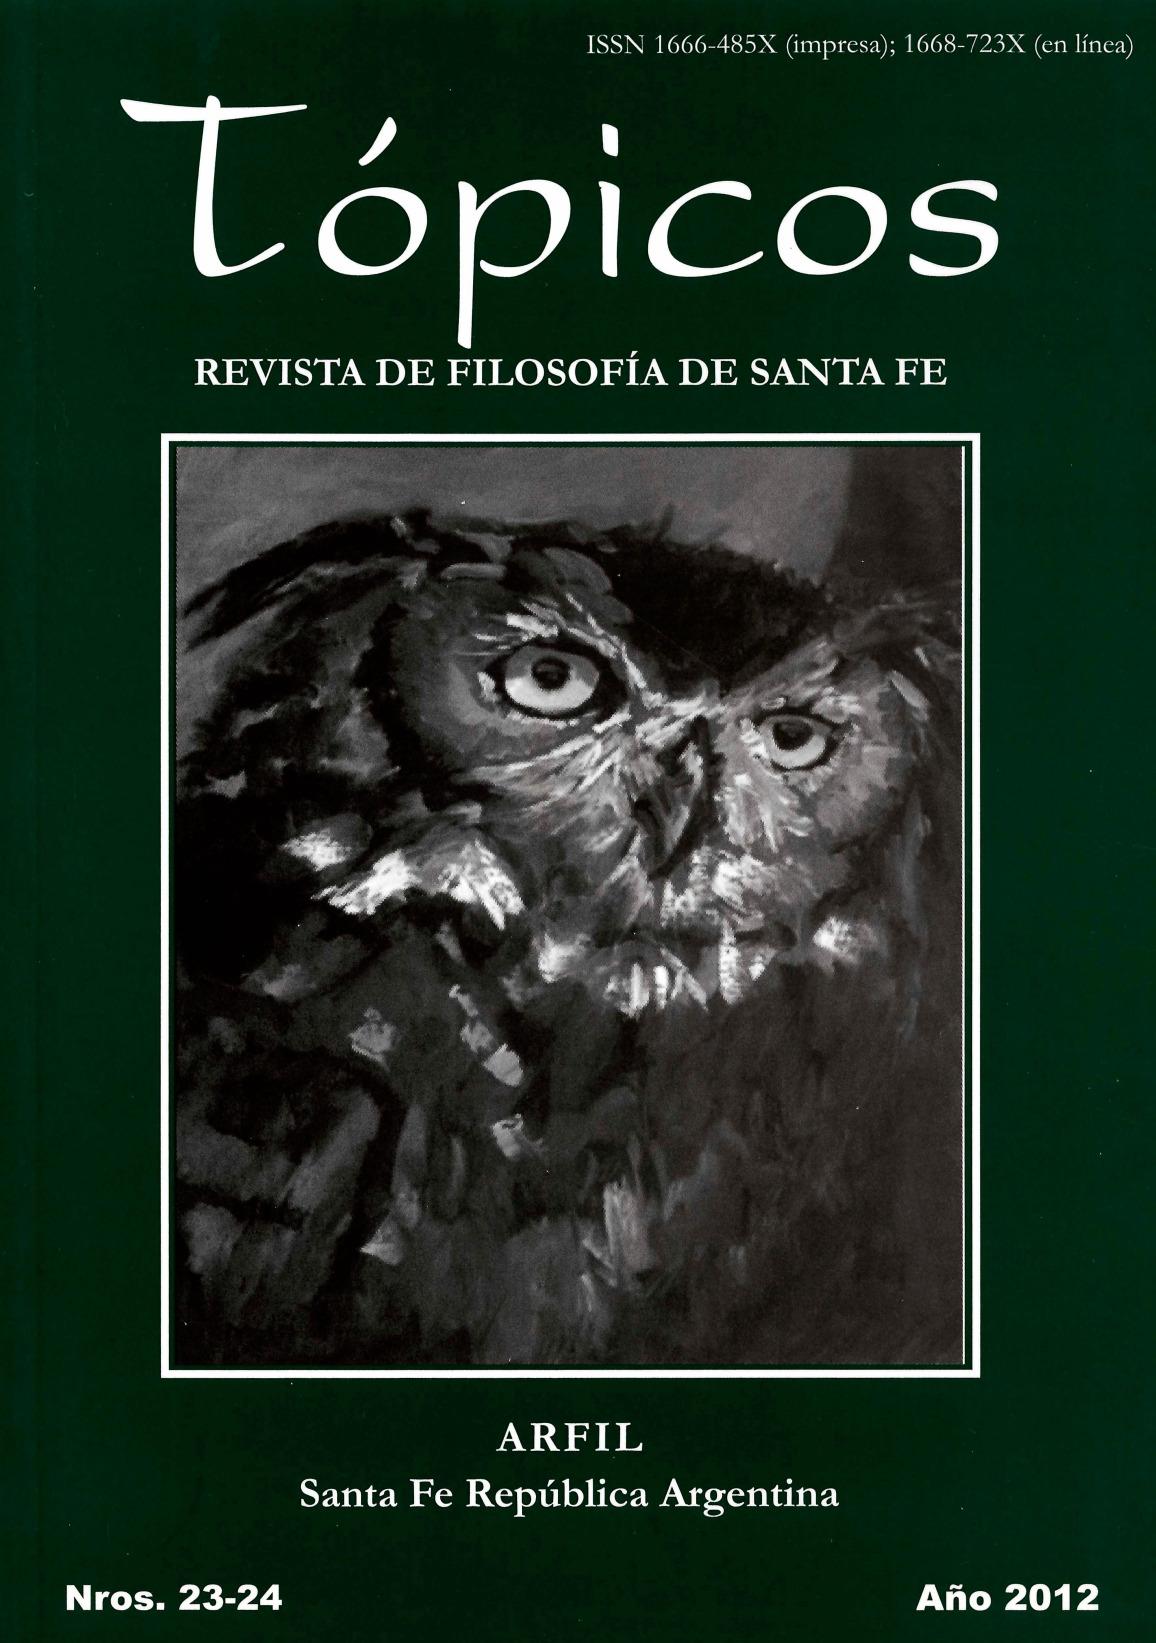 Imagen de tapa de Revista Tópicos Nº 23-24.